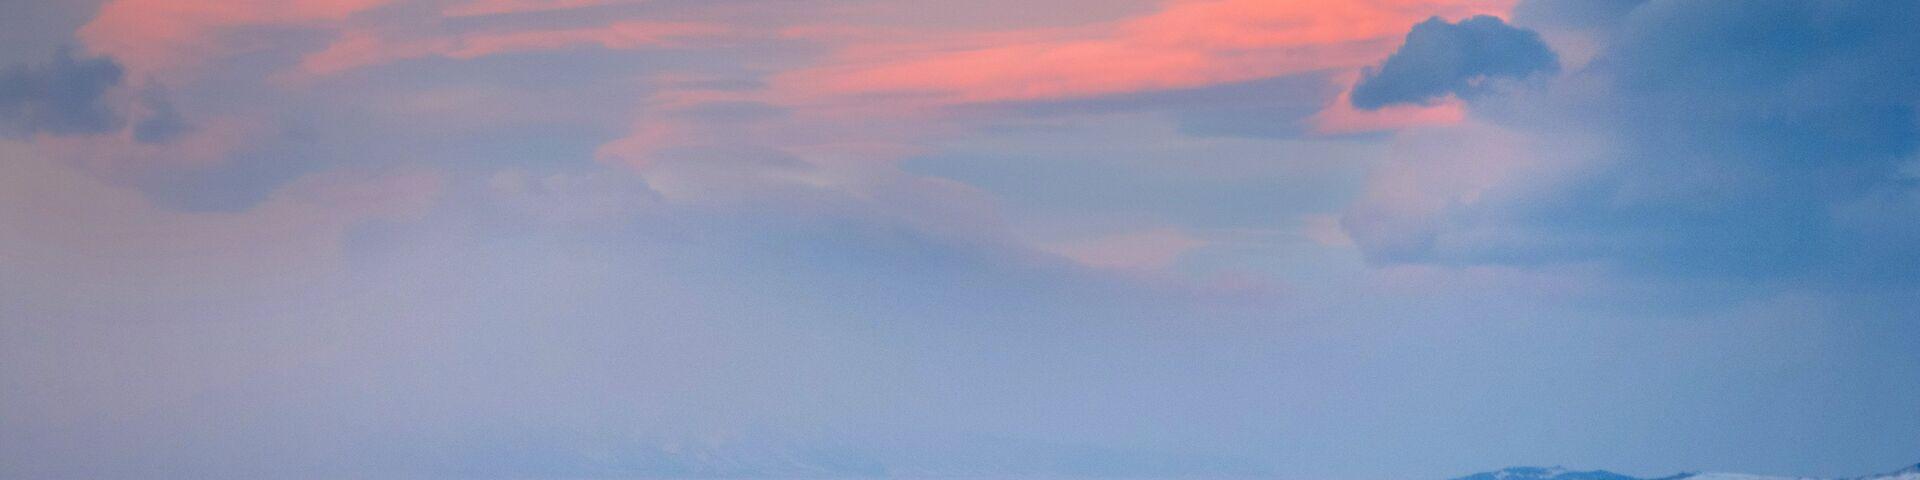 Вид на пролив Малое море озера Байкал на закате со смотровой площадки у памятника бродяге по трассе Иркутск - МРС (Маломорская рыбная станция) - РИА Новости, 1920, 06.12.2018